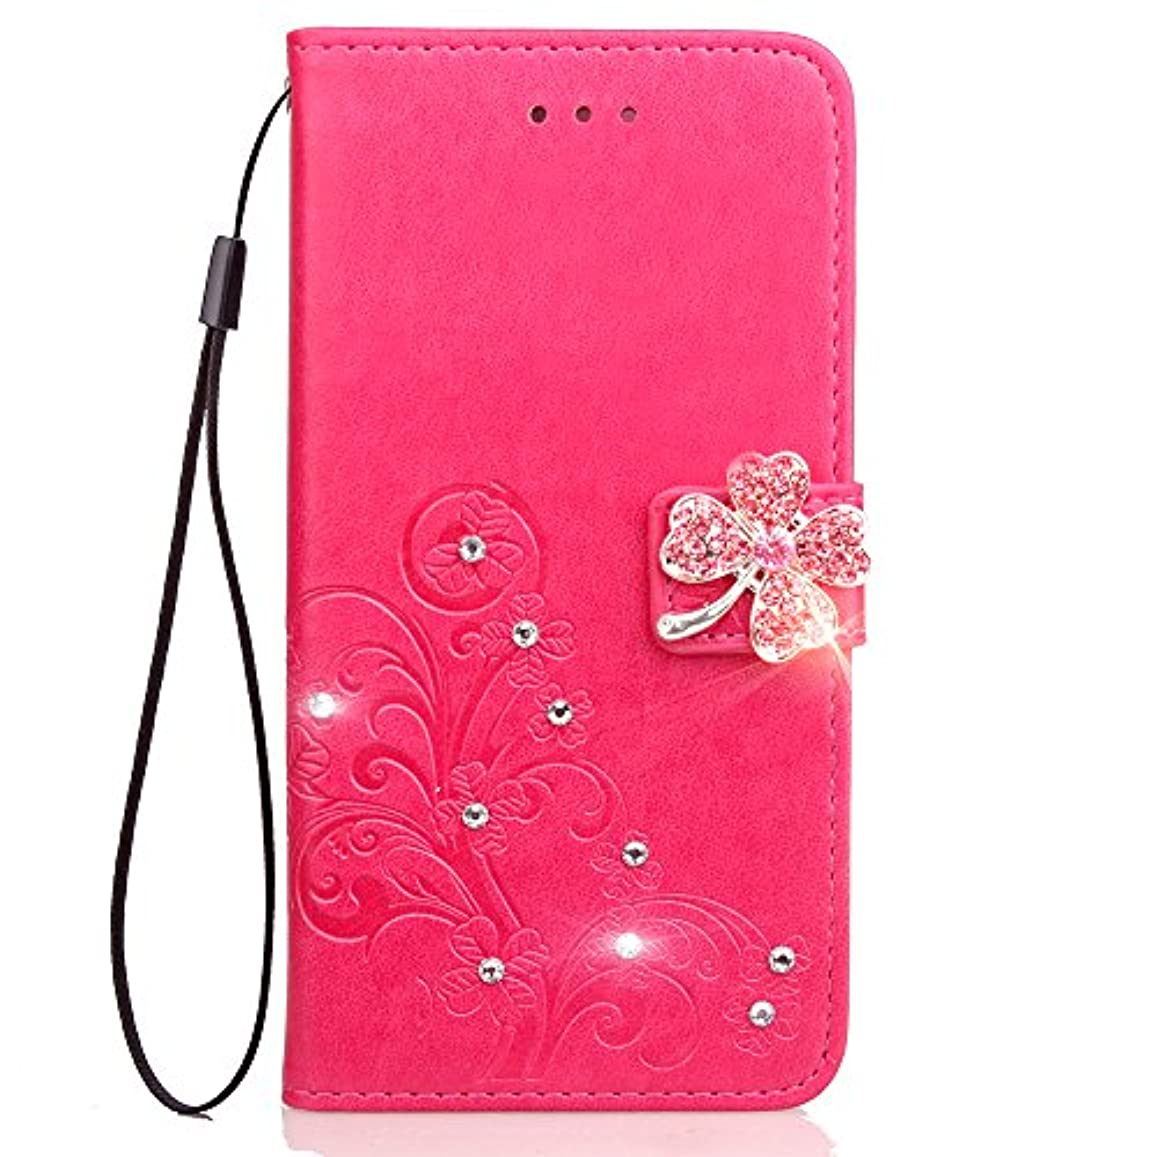 ベット住居絶対にLomogo iPhone 11 Pro Max ケース 手帳型 耐衝撃 レザーケース 財布型 カードポケット スタンド機能 マグネット式 アイフォン11 Pro Max 手帳型ケース カバー 人気 - LOSDA090057 バラ色